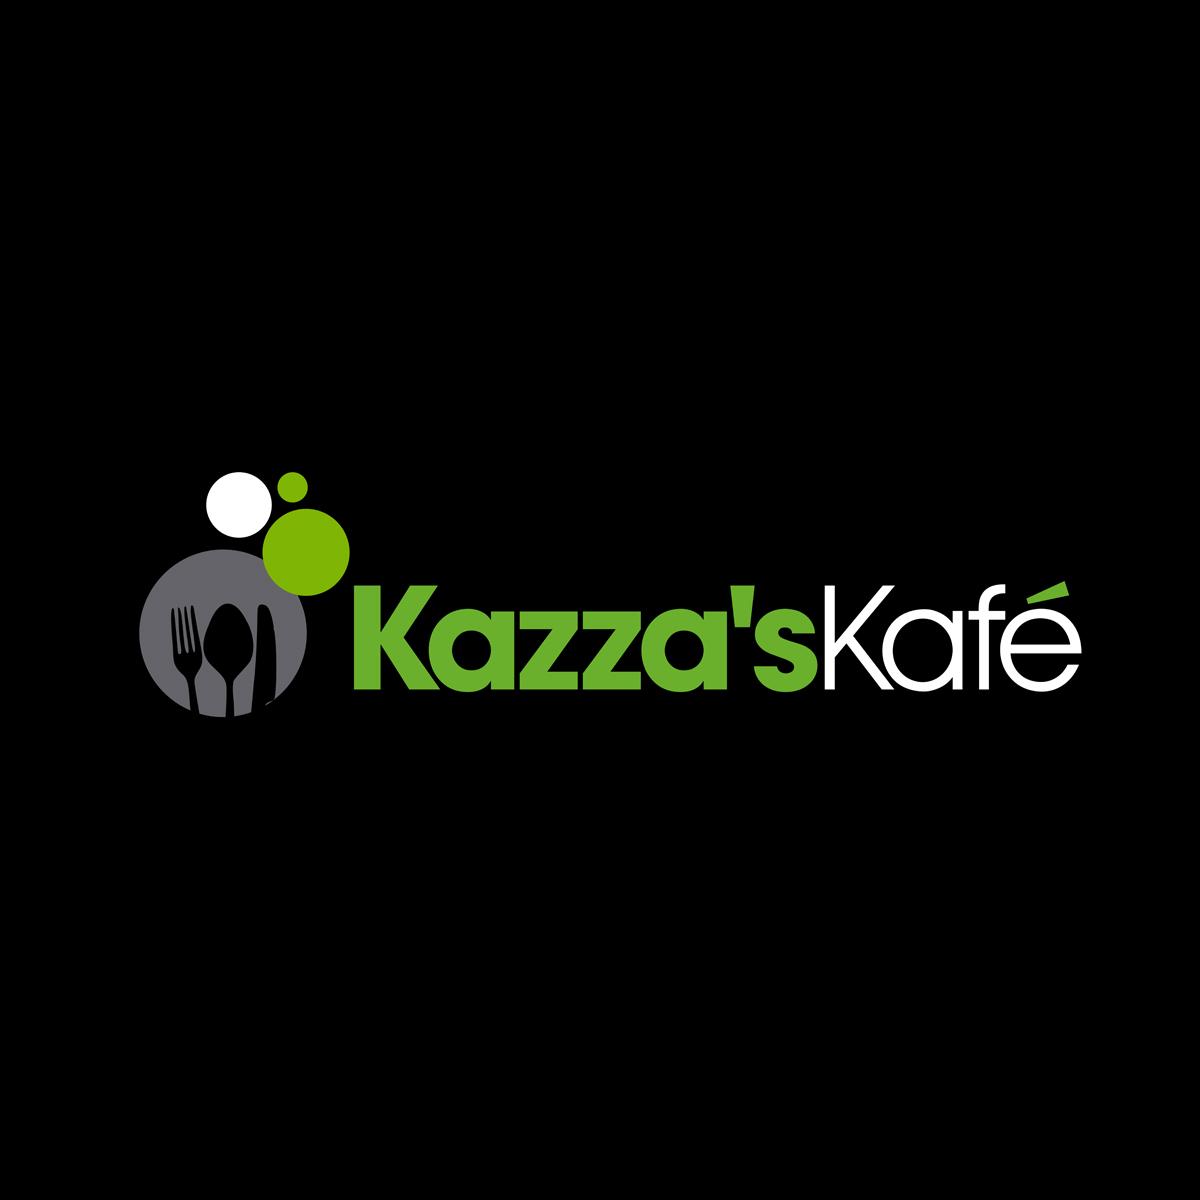 Kazza's Kafe'